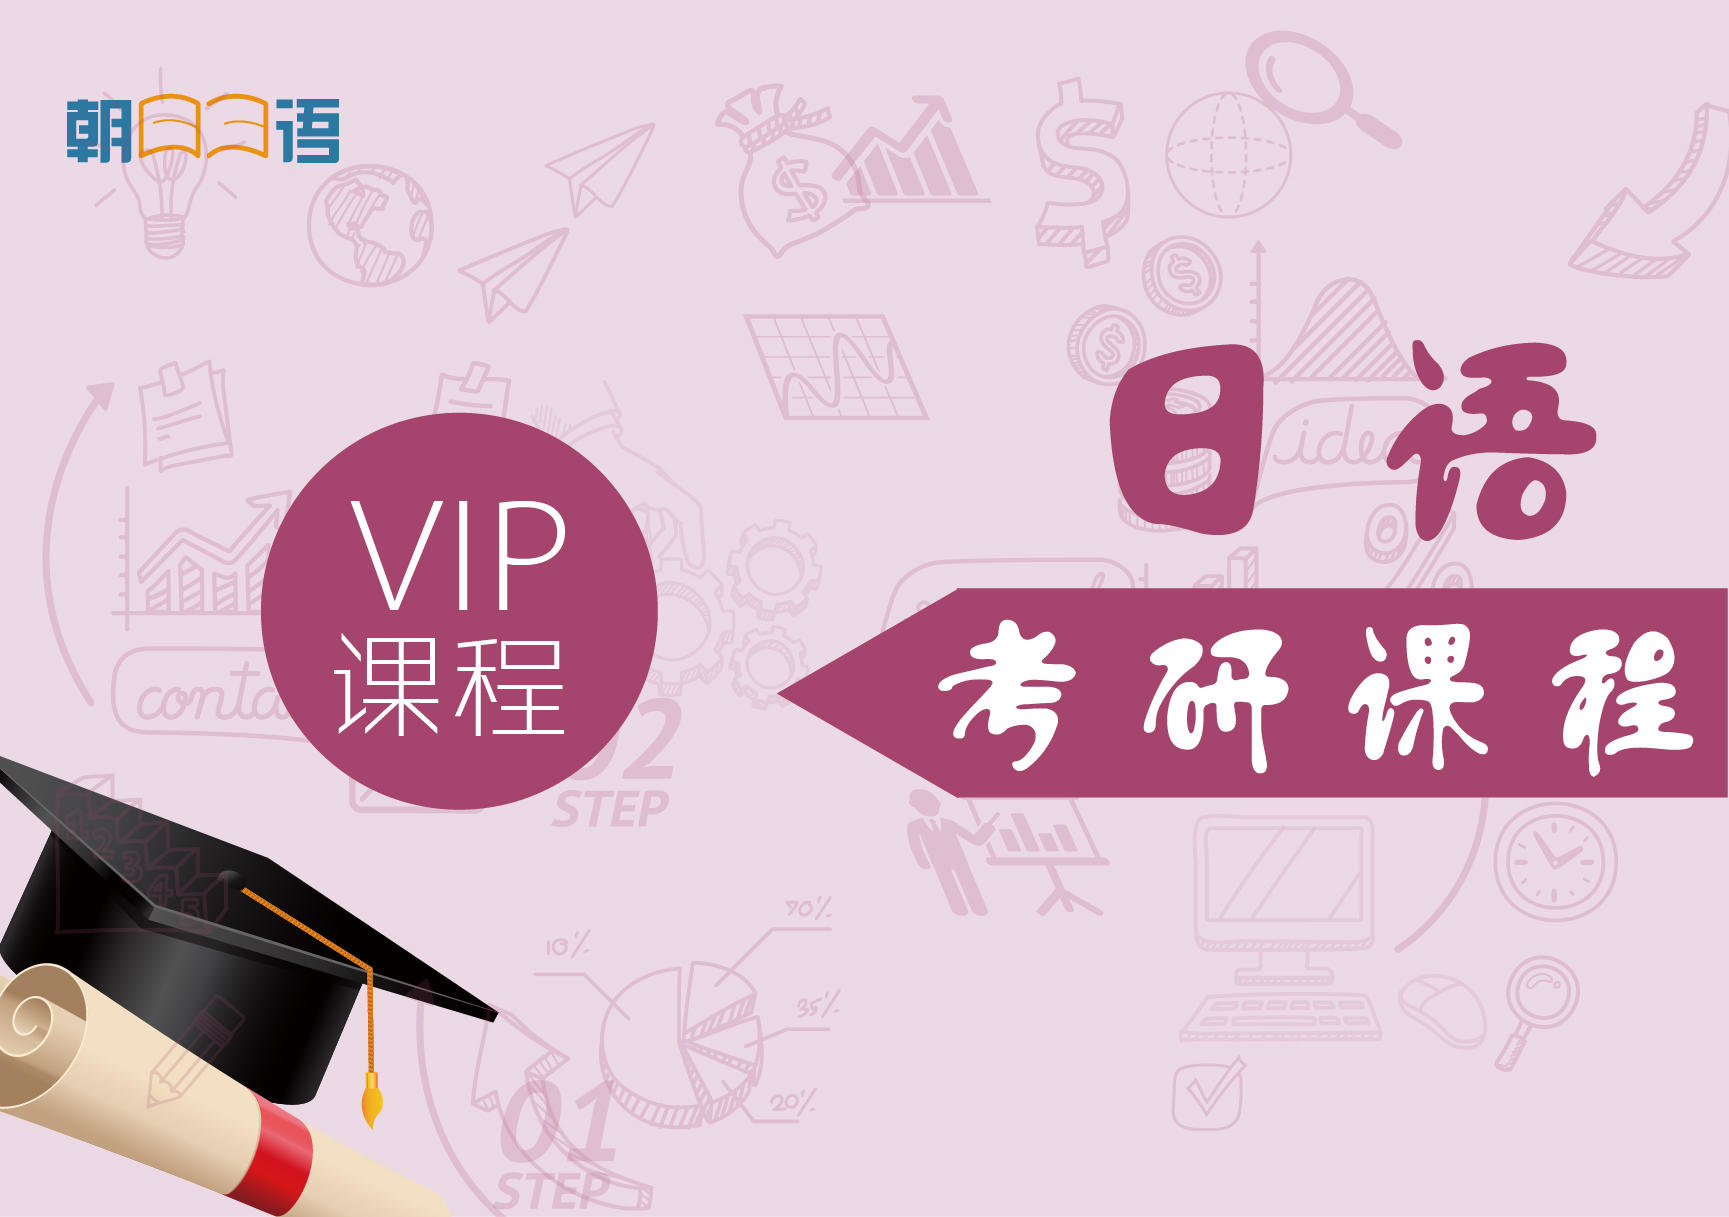 考研公共日语1V1考前强化课程